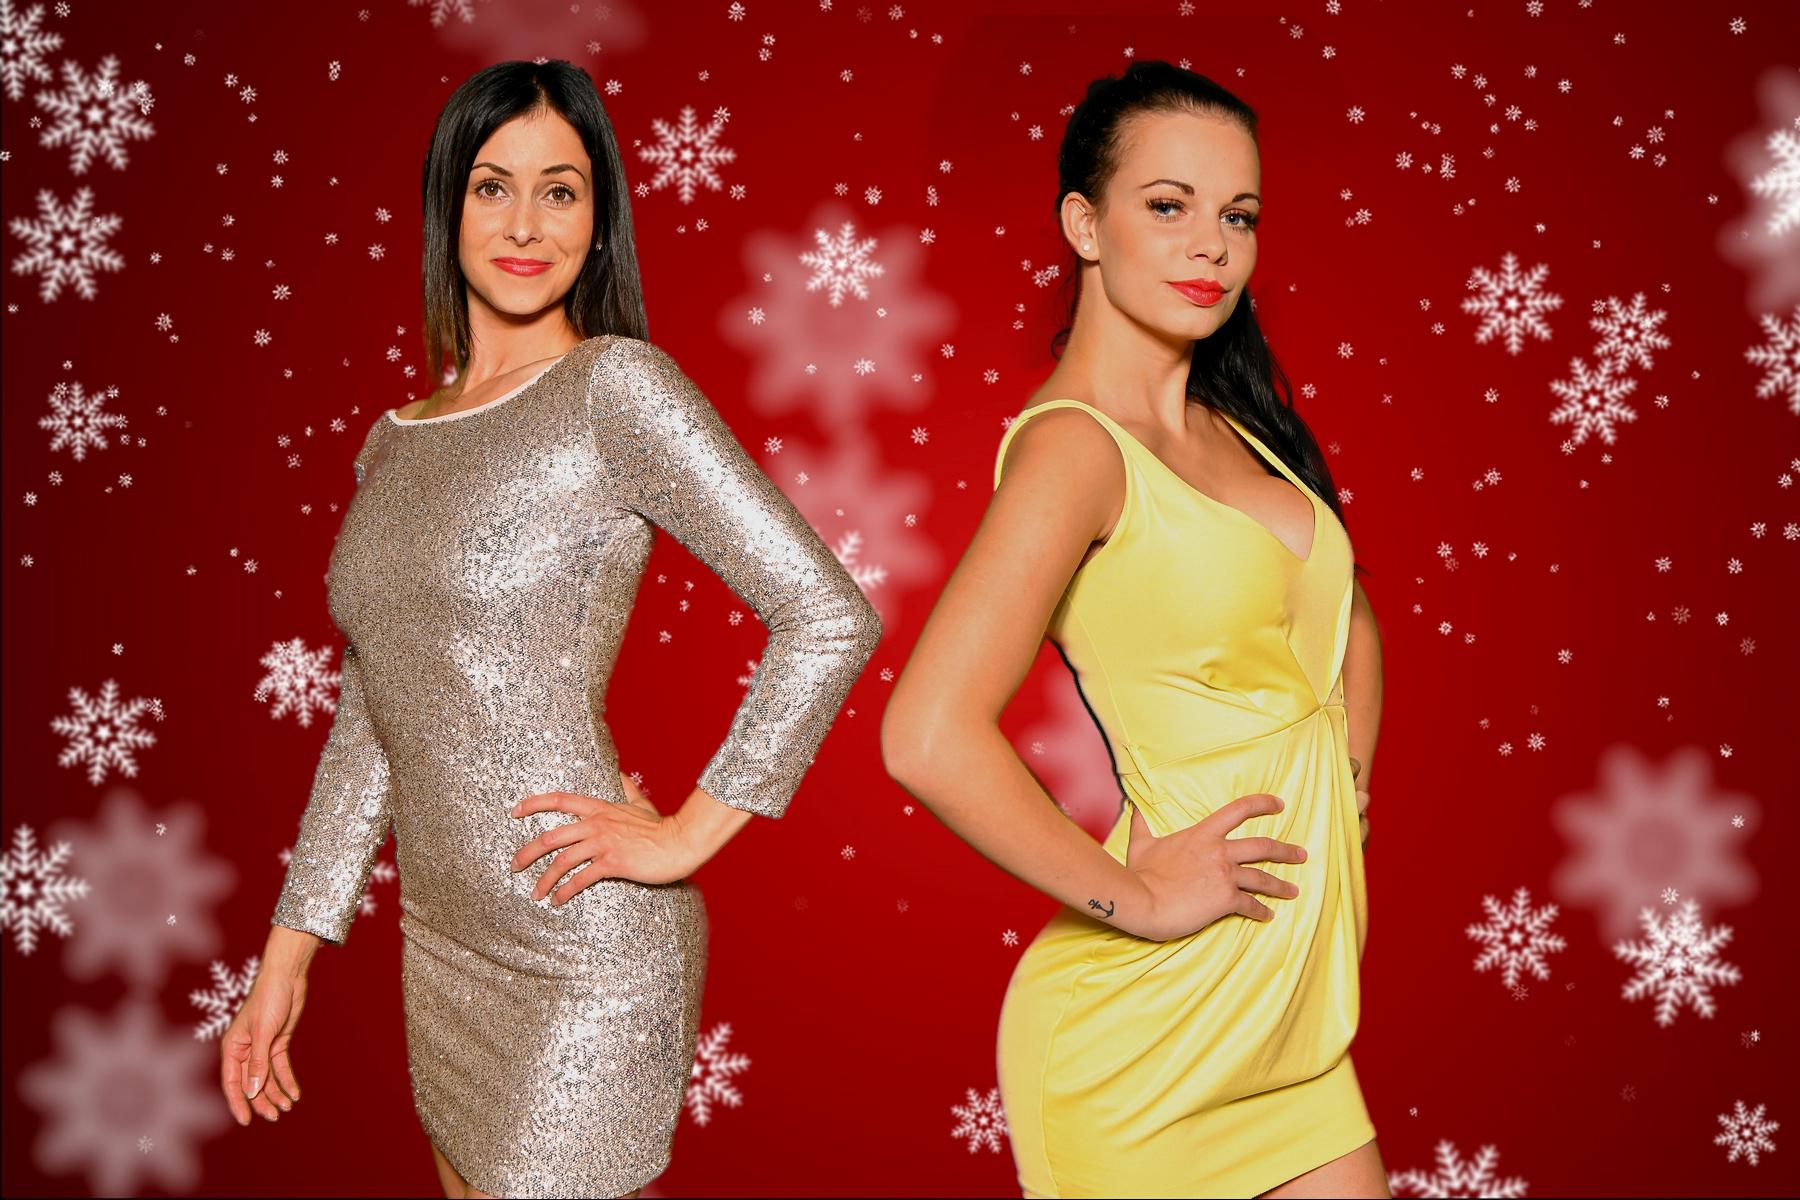 Fotokoutek na vánoční ples si zajistěte s předstihem